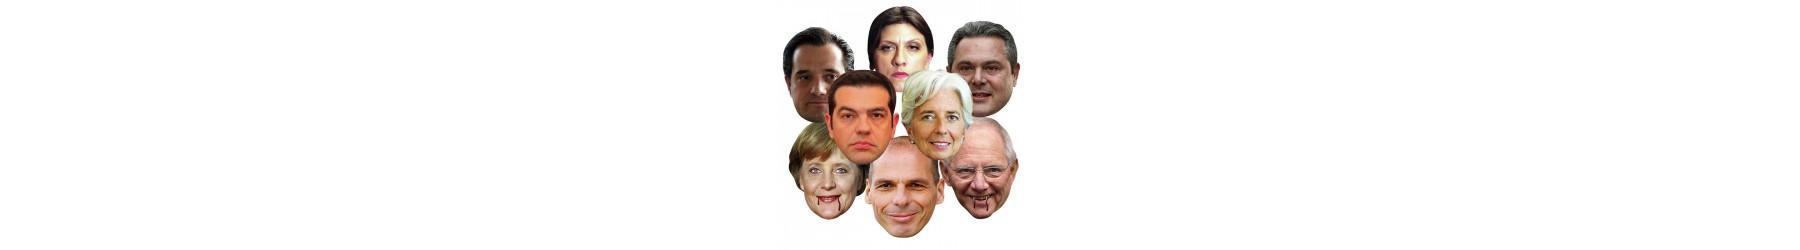 Αποκριάτικες Μάσκες πολιτικών και επωνύμων